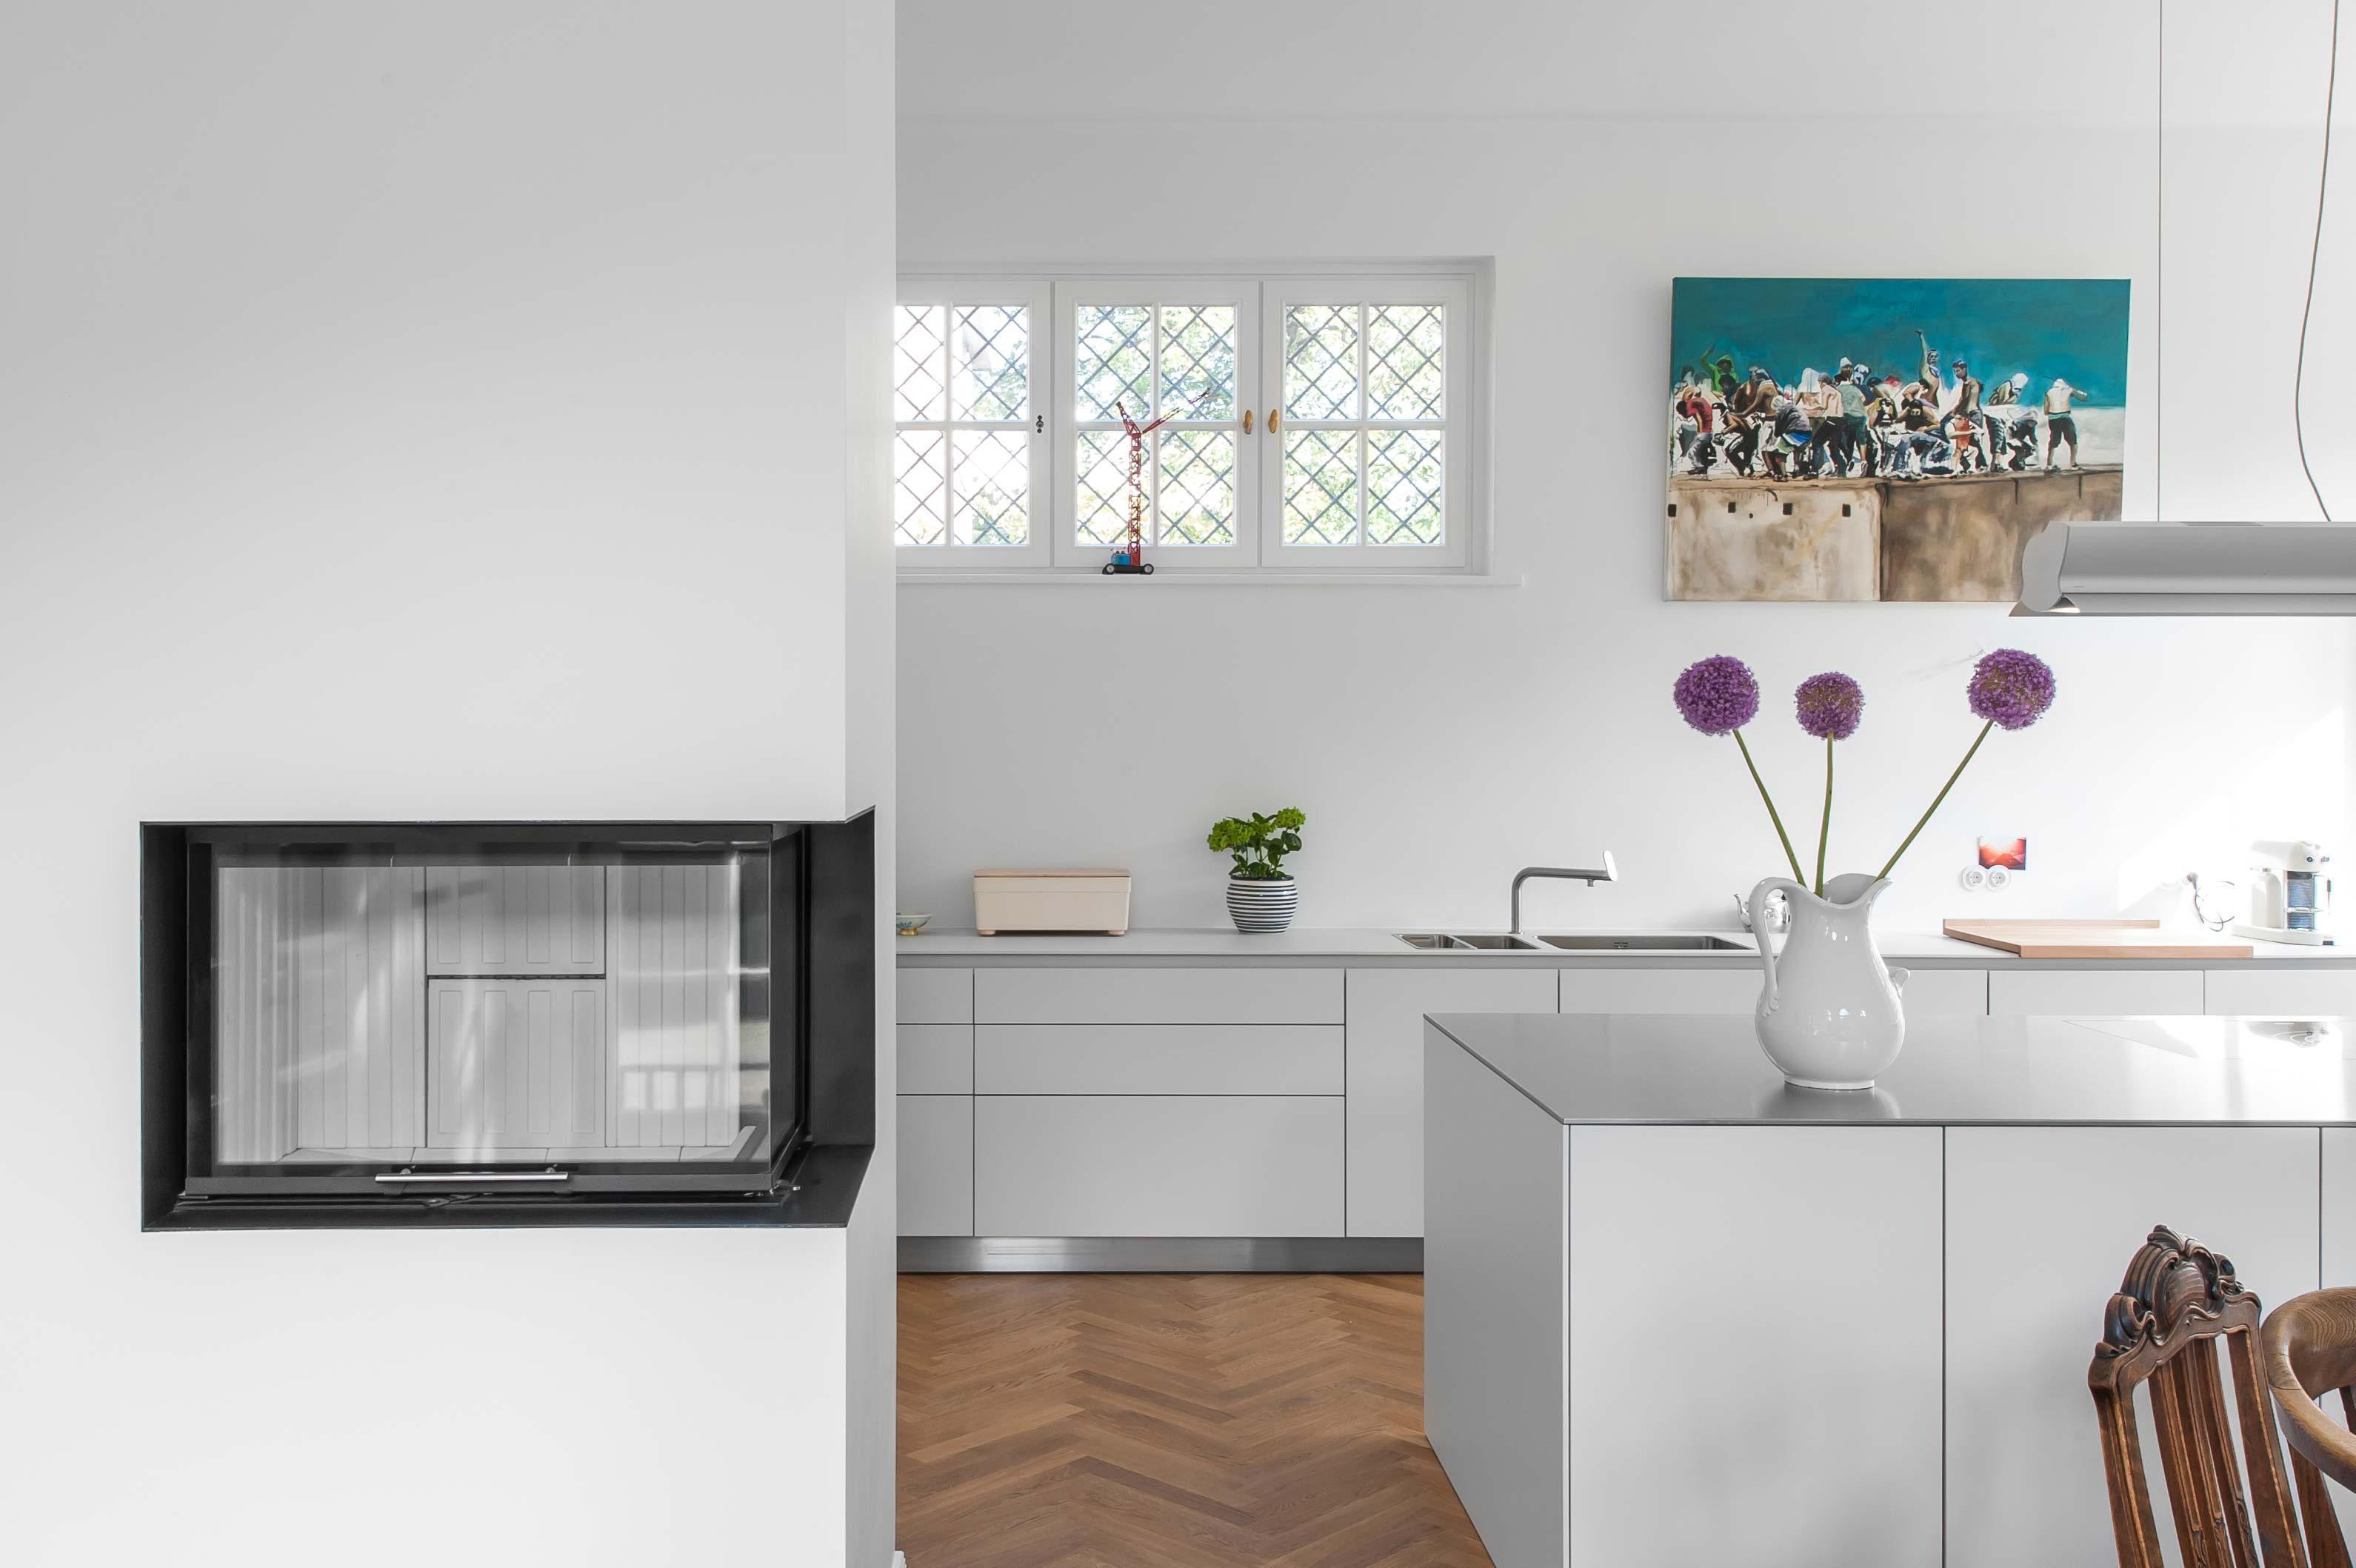 Niedlich 3ds Max Küche Kamin Modell Kostenlos Herunterladen Bilder ...